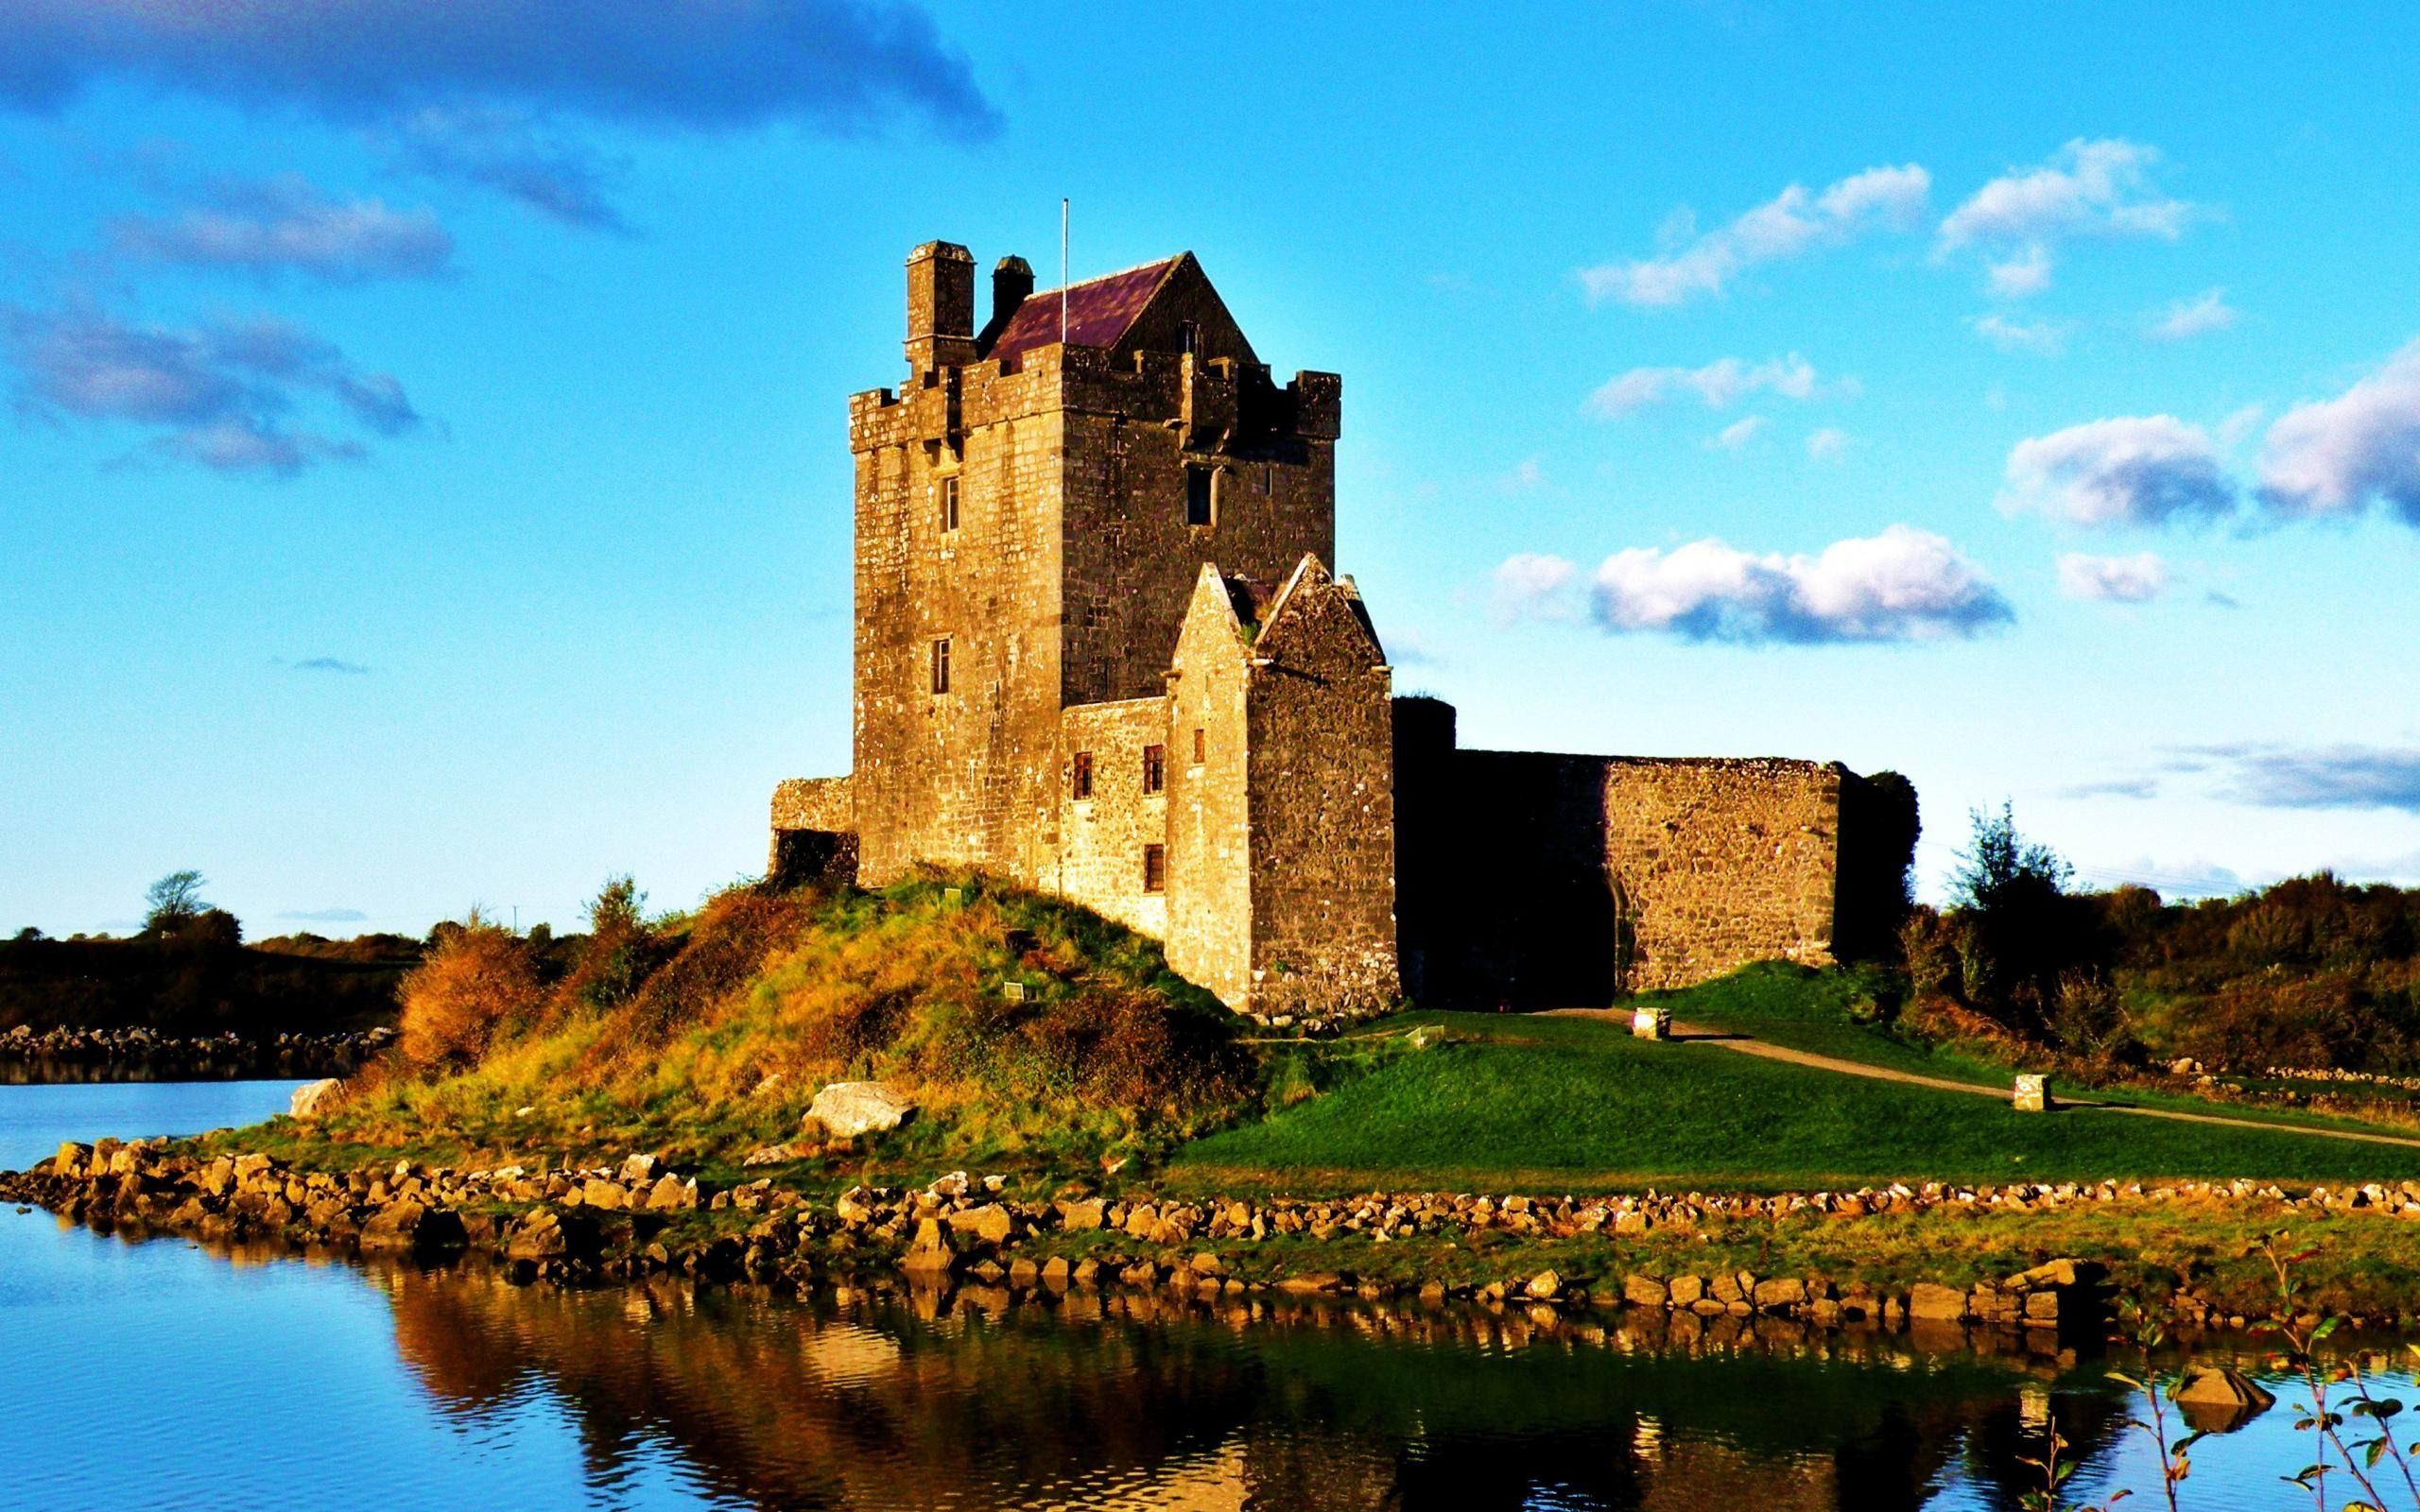 Image Fonds D Cran Irlande Tous Les Wallpapers Irlande Castles In Ireland Scenery Ireland Landscape